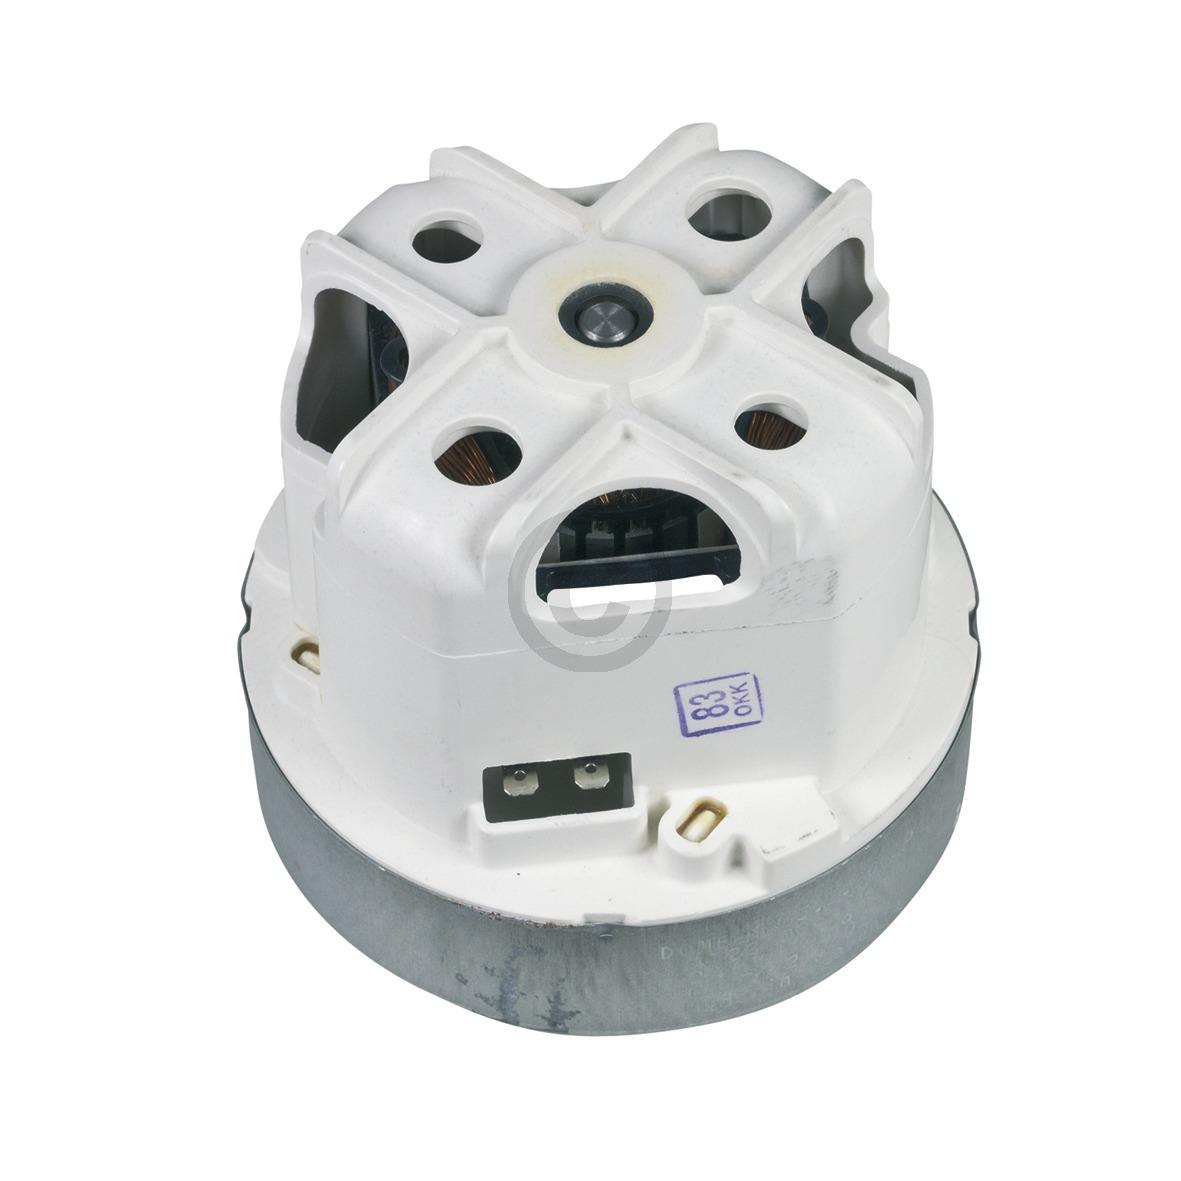 Motor  für  PHILIPS 432200697742 Domel 463.3.201-6 für Bodenstaubsauger